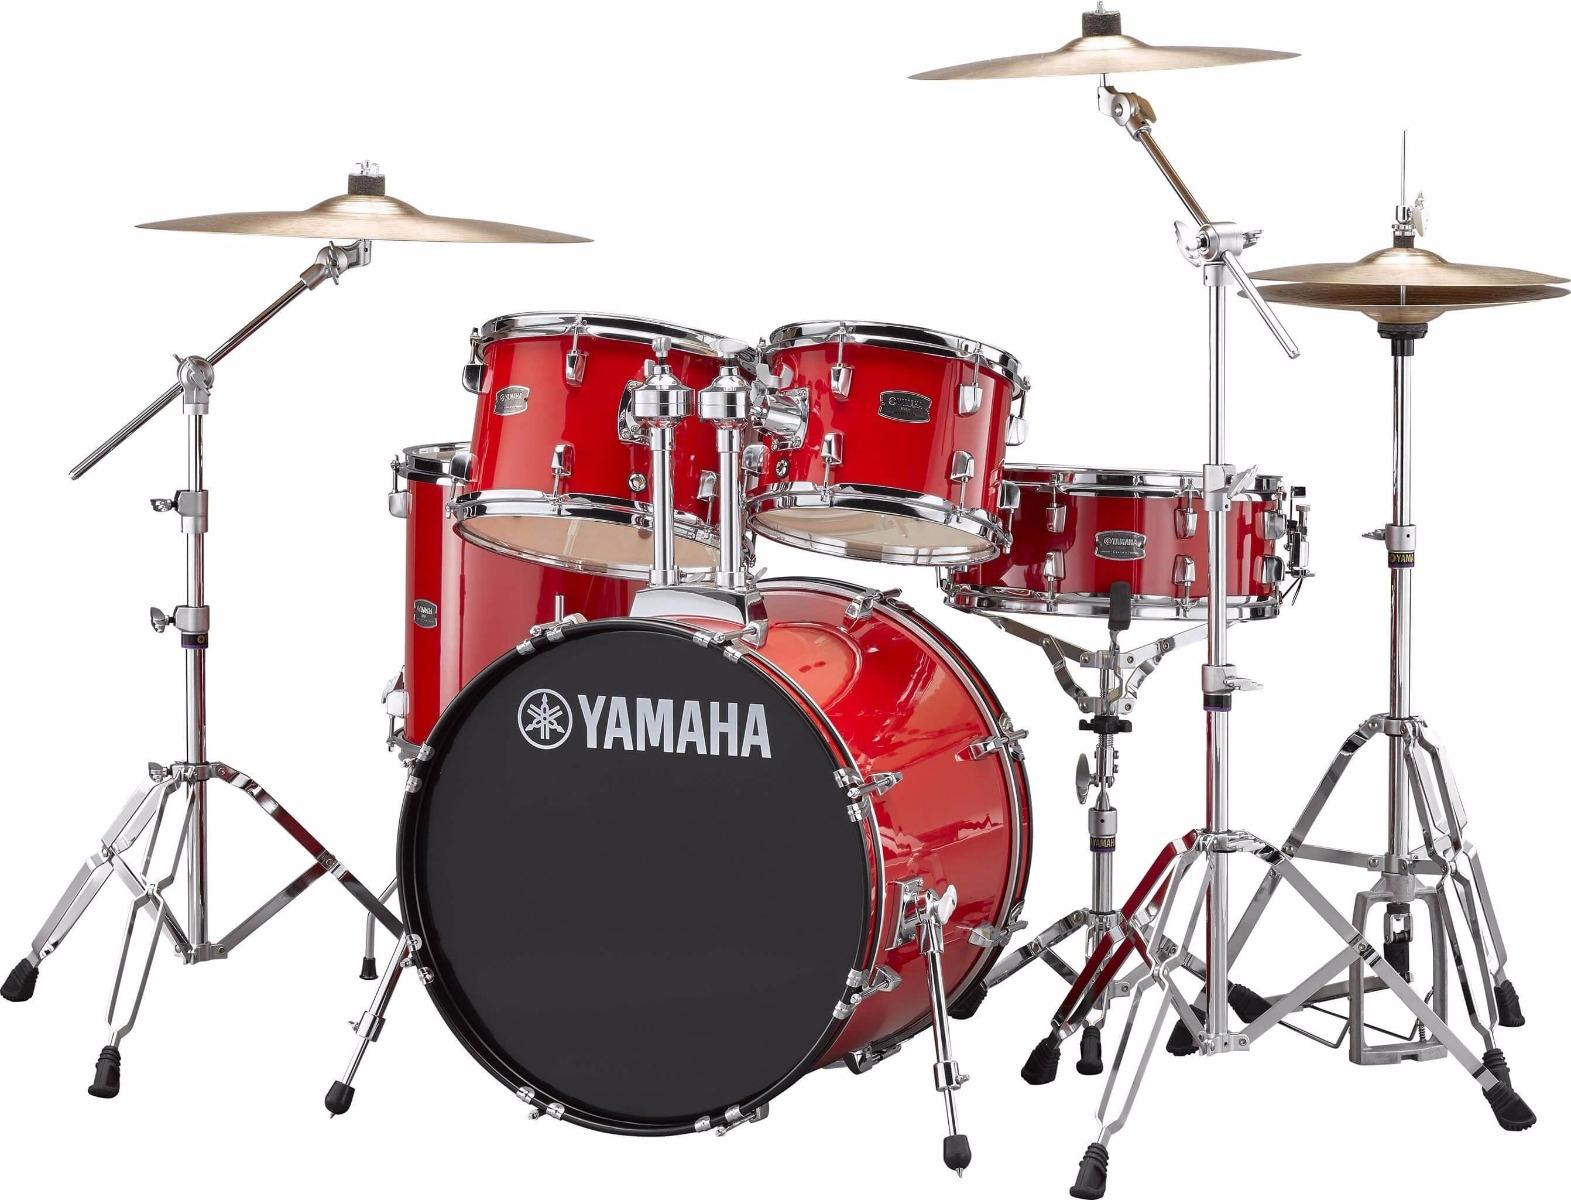 Billede af Yamaha Rydeen RDP0F5 RD + HW680W + Paiste 101 komplet trommesæt hot red